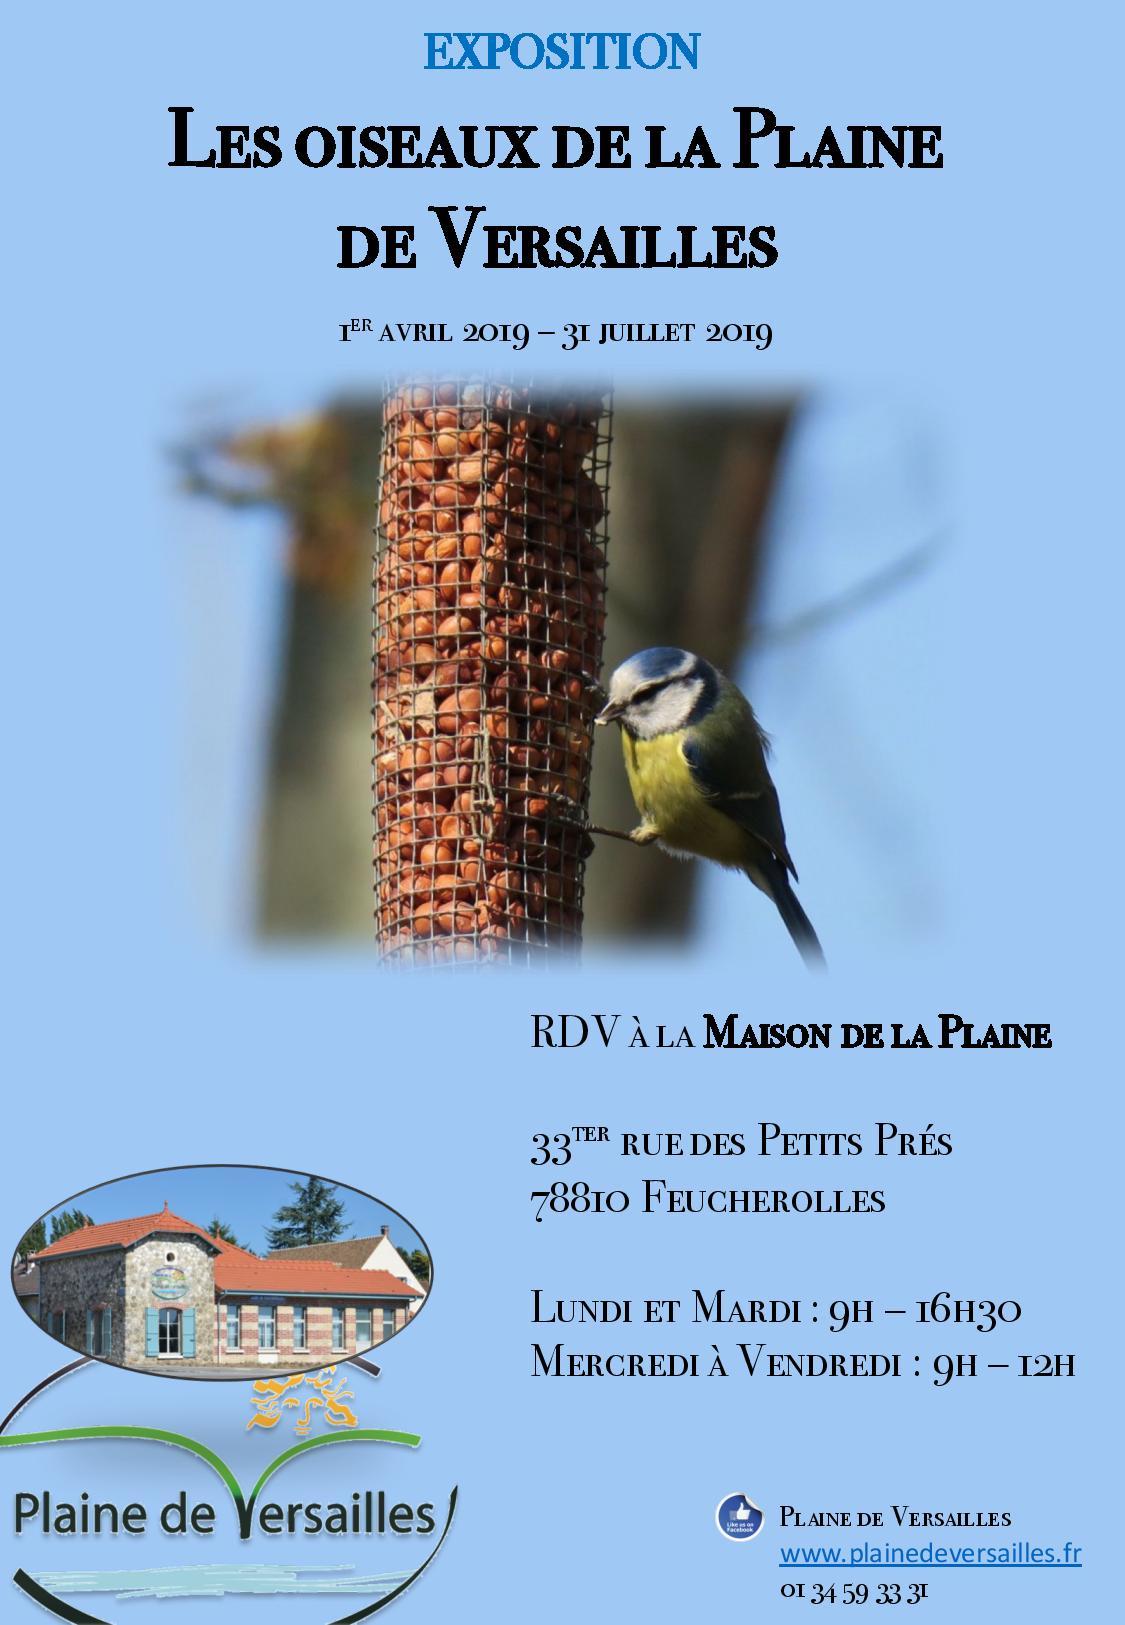 Les oiseaux de la Plaine de Versailles